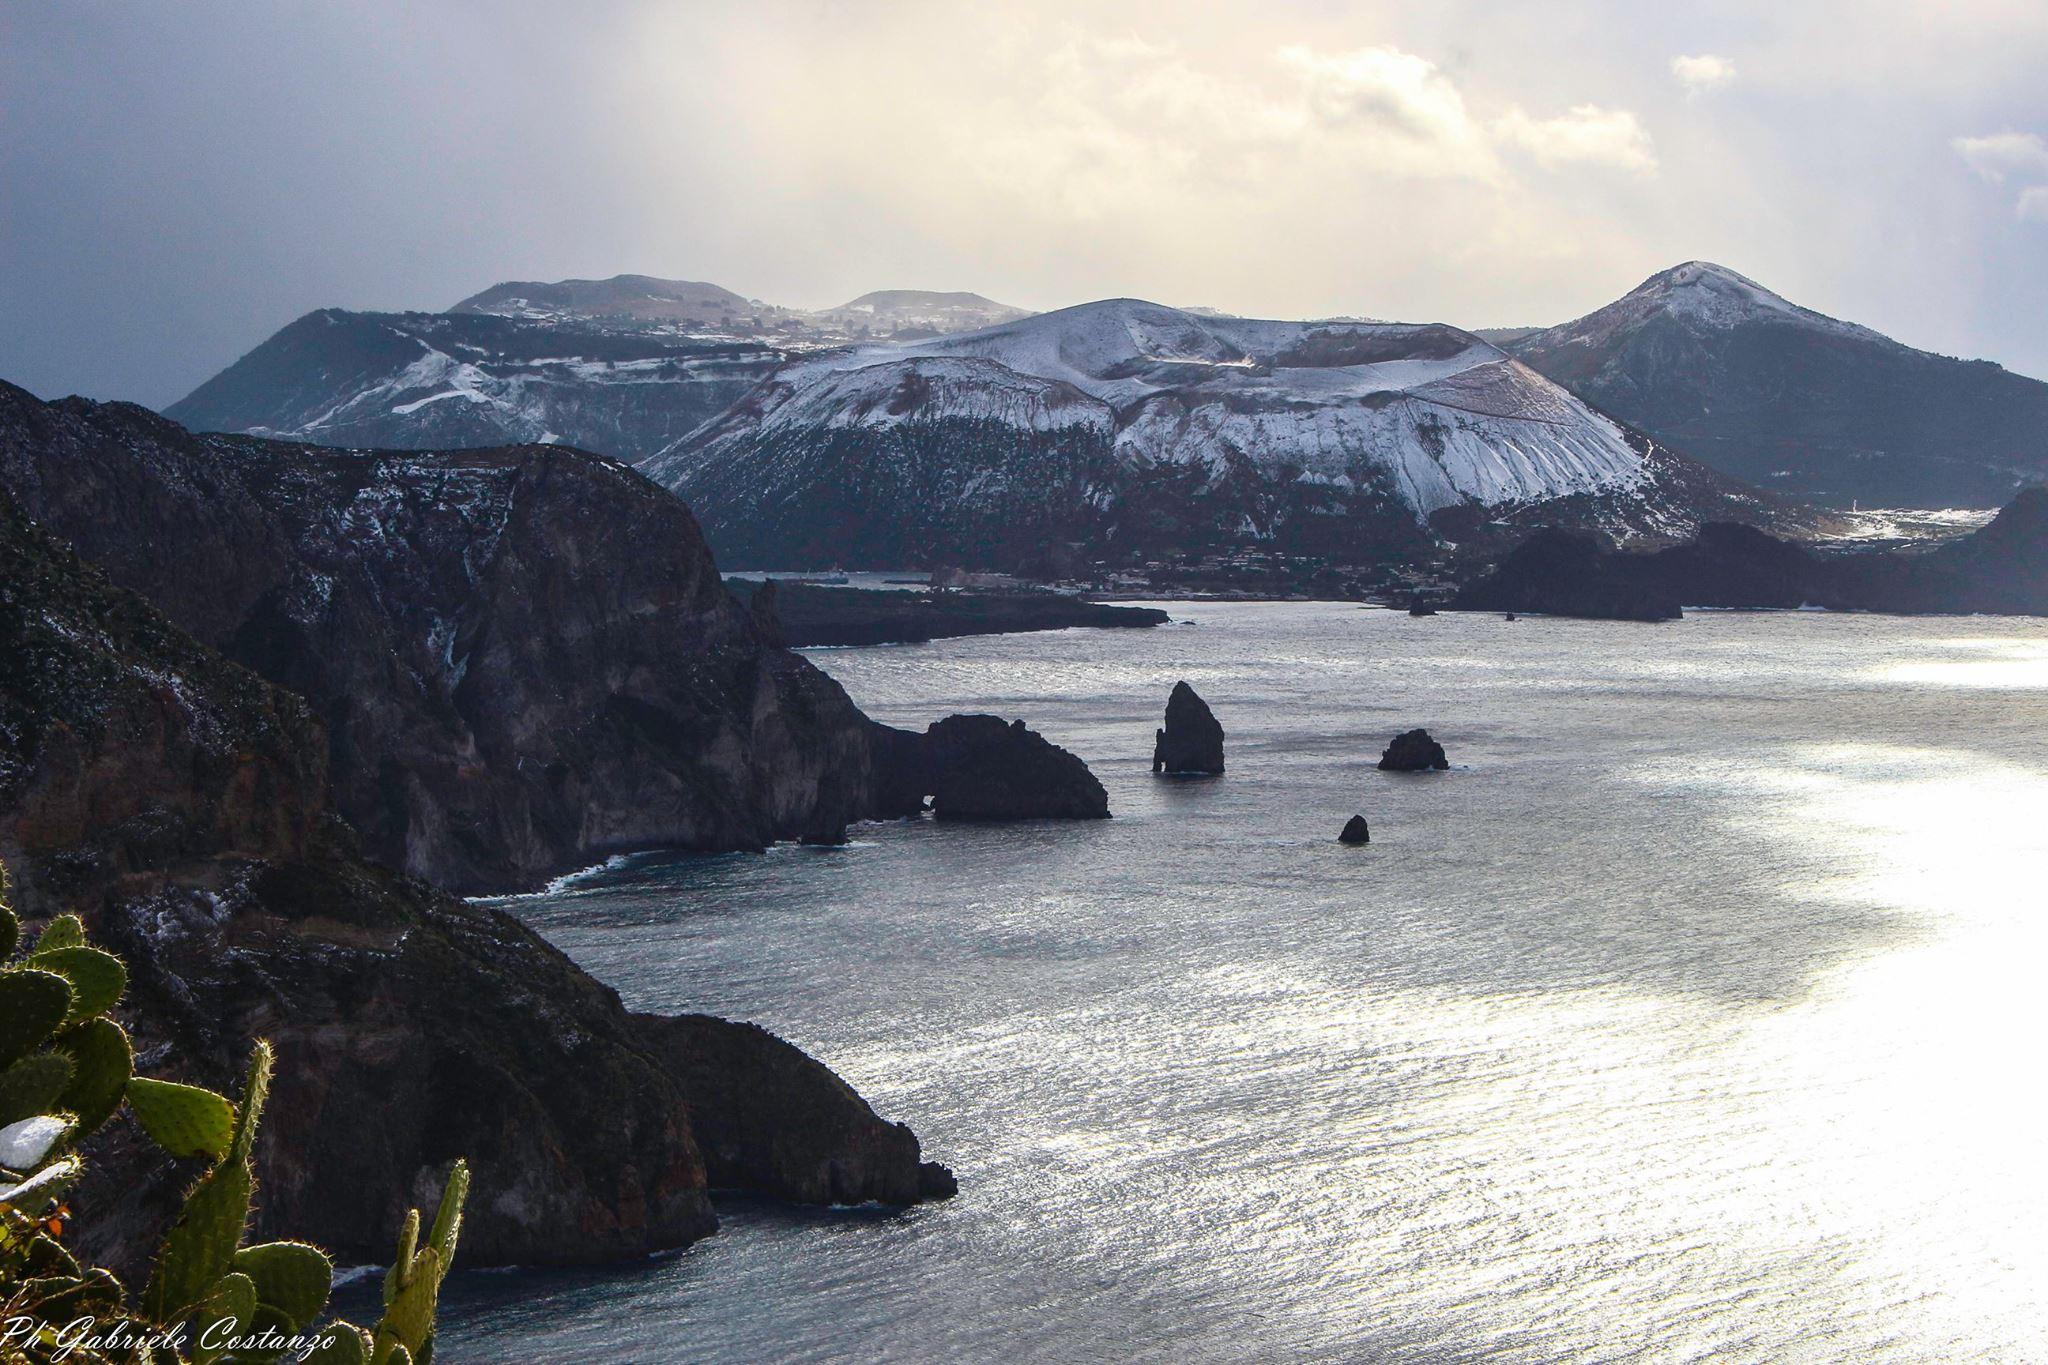 Maltempo, ancora neve e ghiaccio sulle strade di Lipari e Vulcano alle isole Eolie